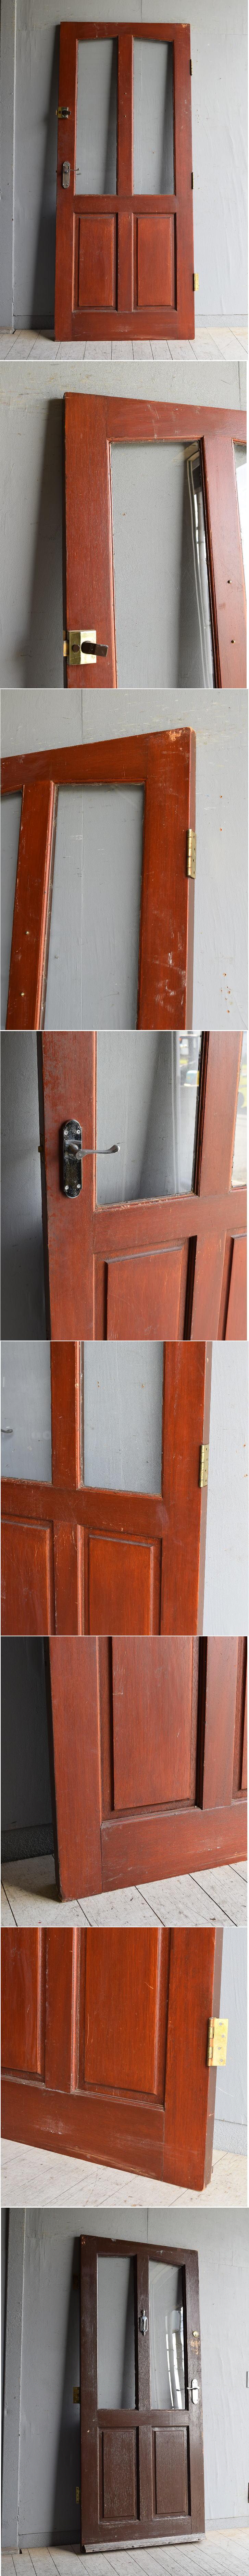 イギリス アンティーク ドア 扉 建具 8347